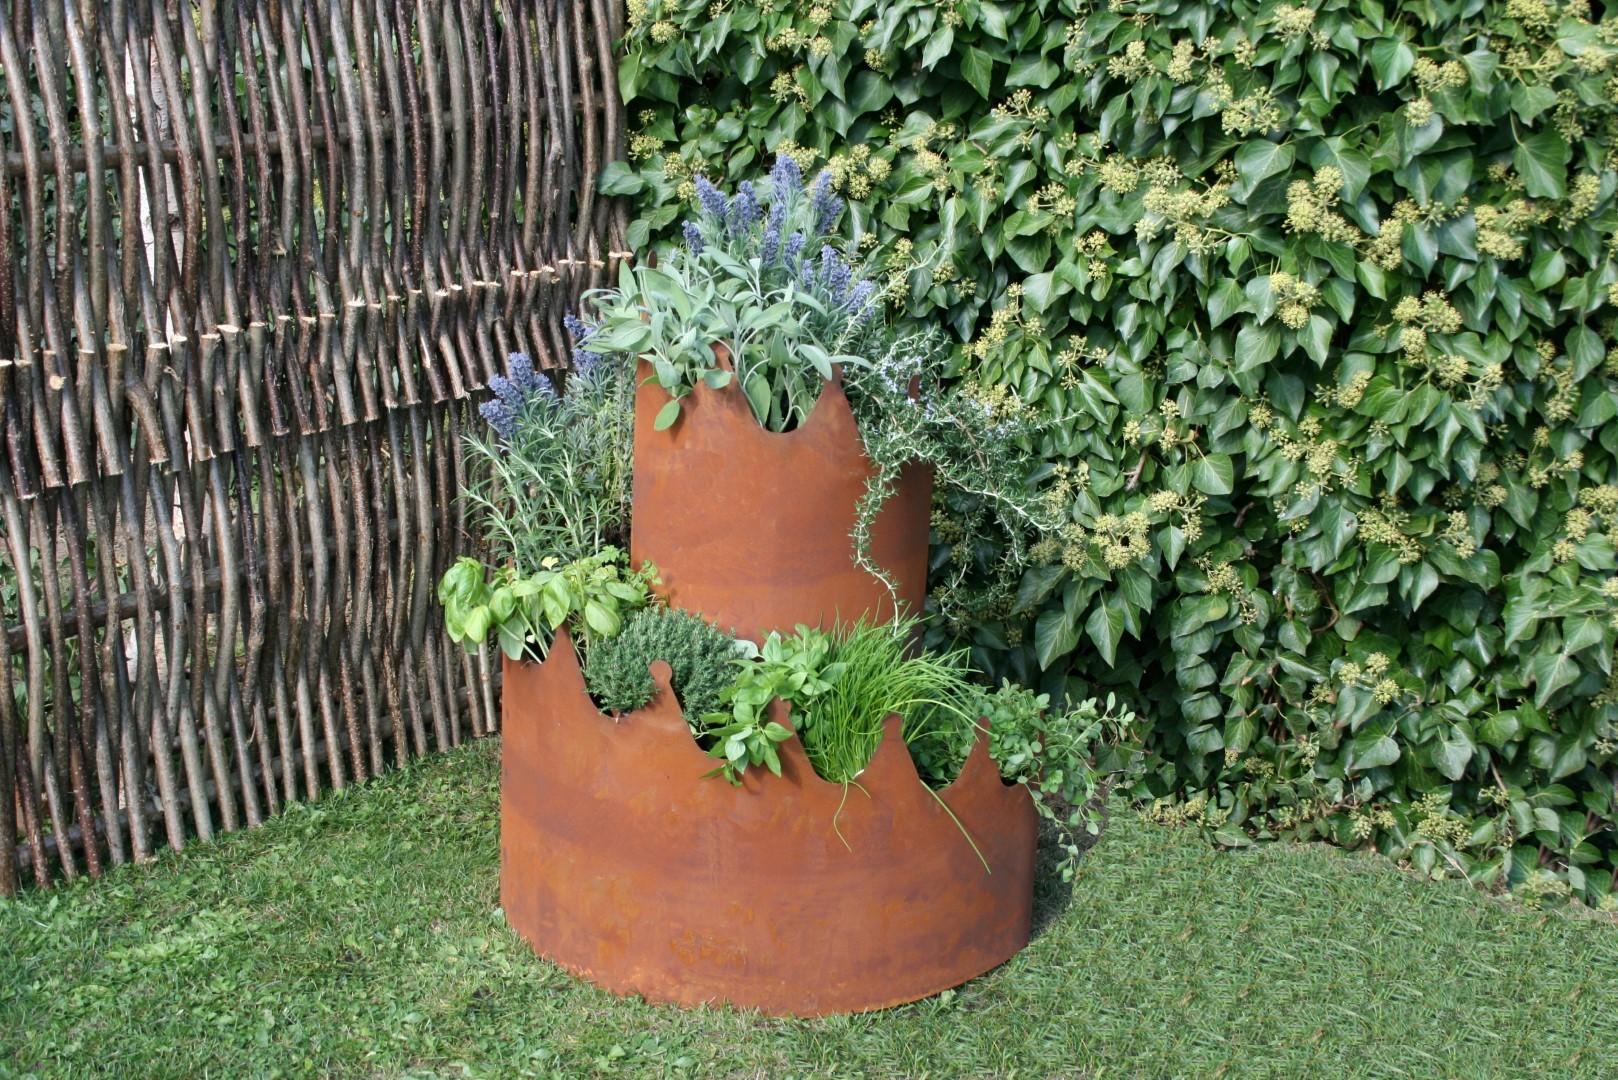 Diese Schnecke möchtest du im Garten  – Warum eine Kräuterschnecke aus Metall einfach toll ist!